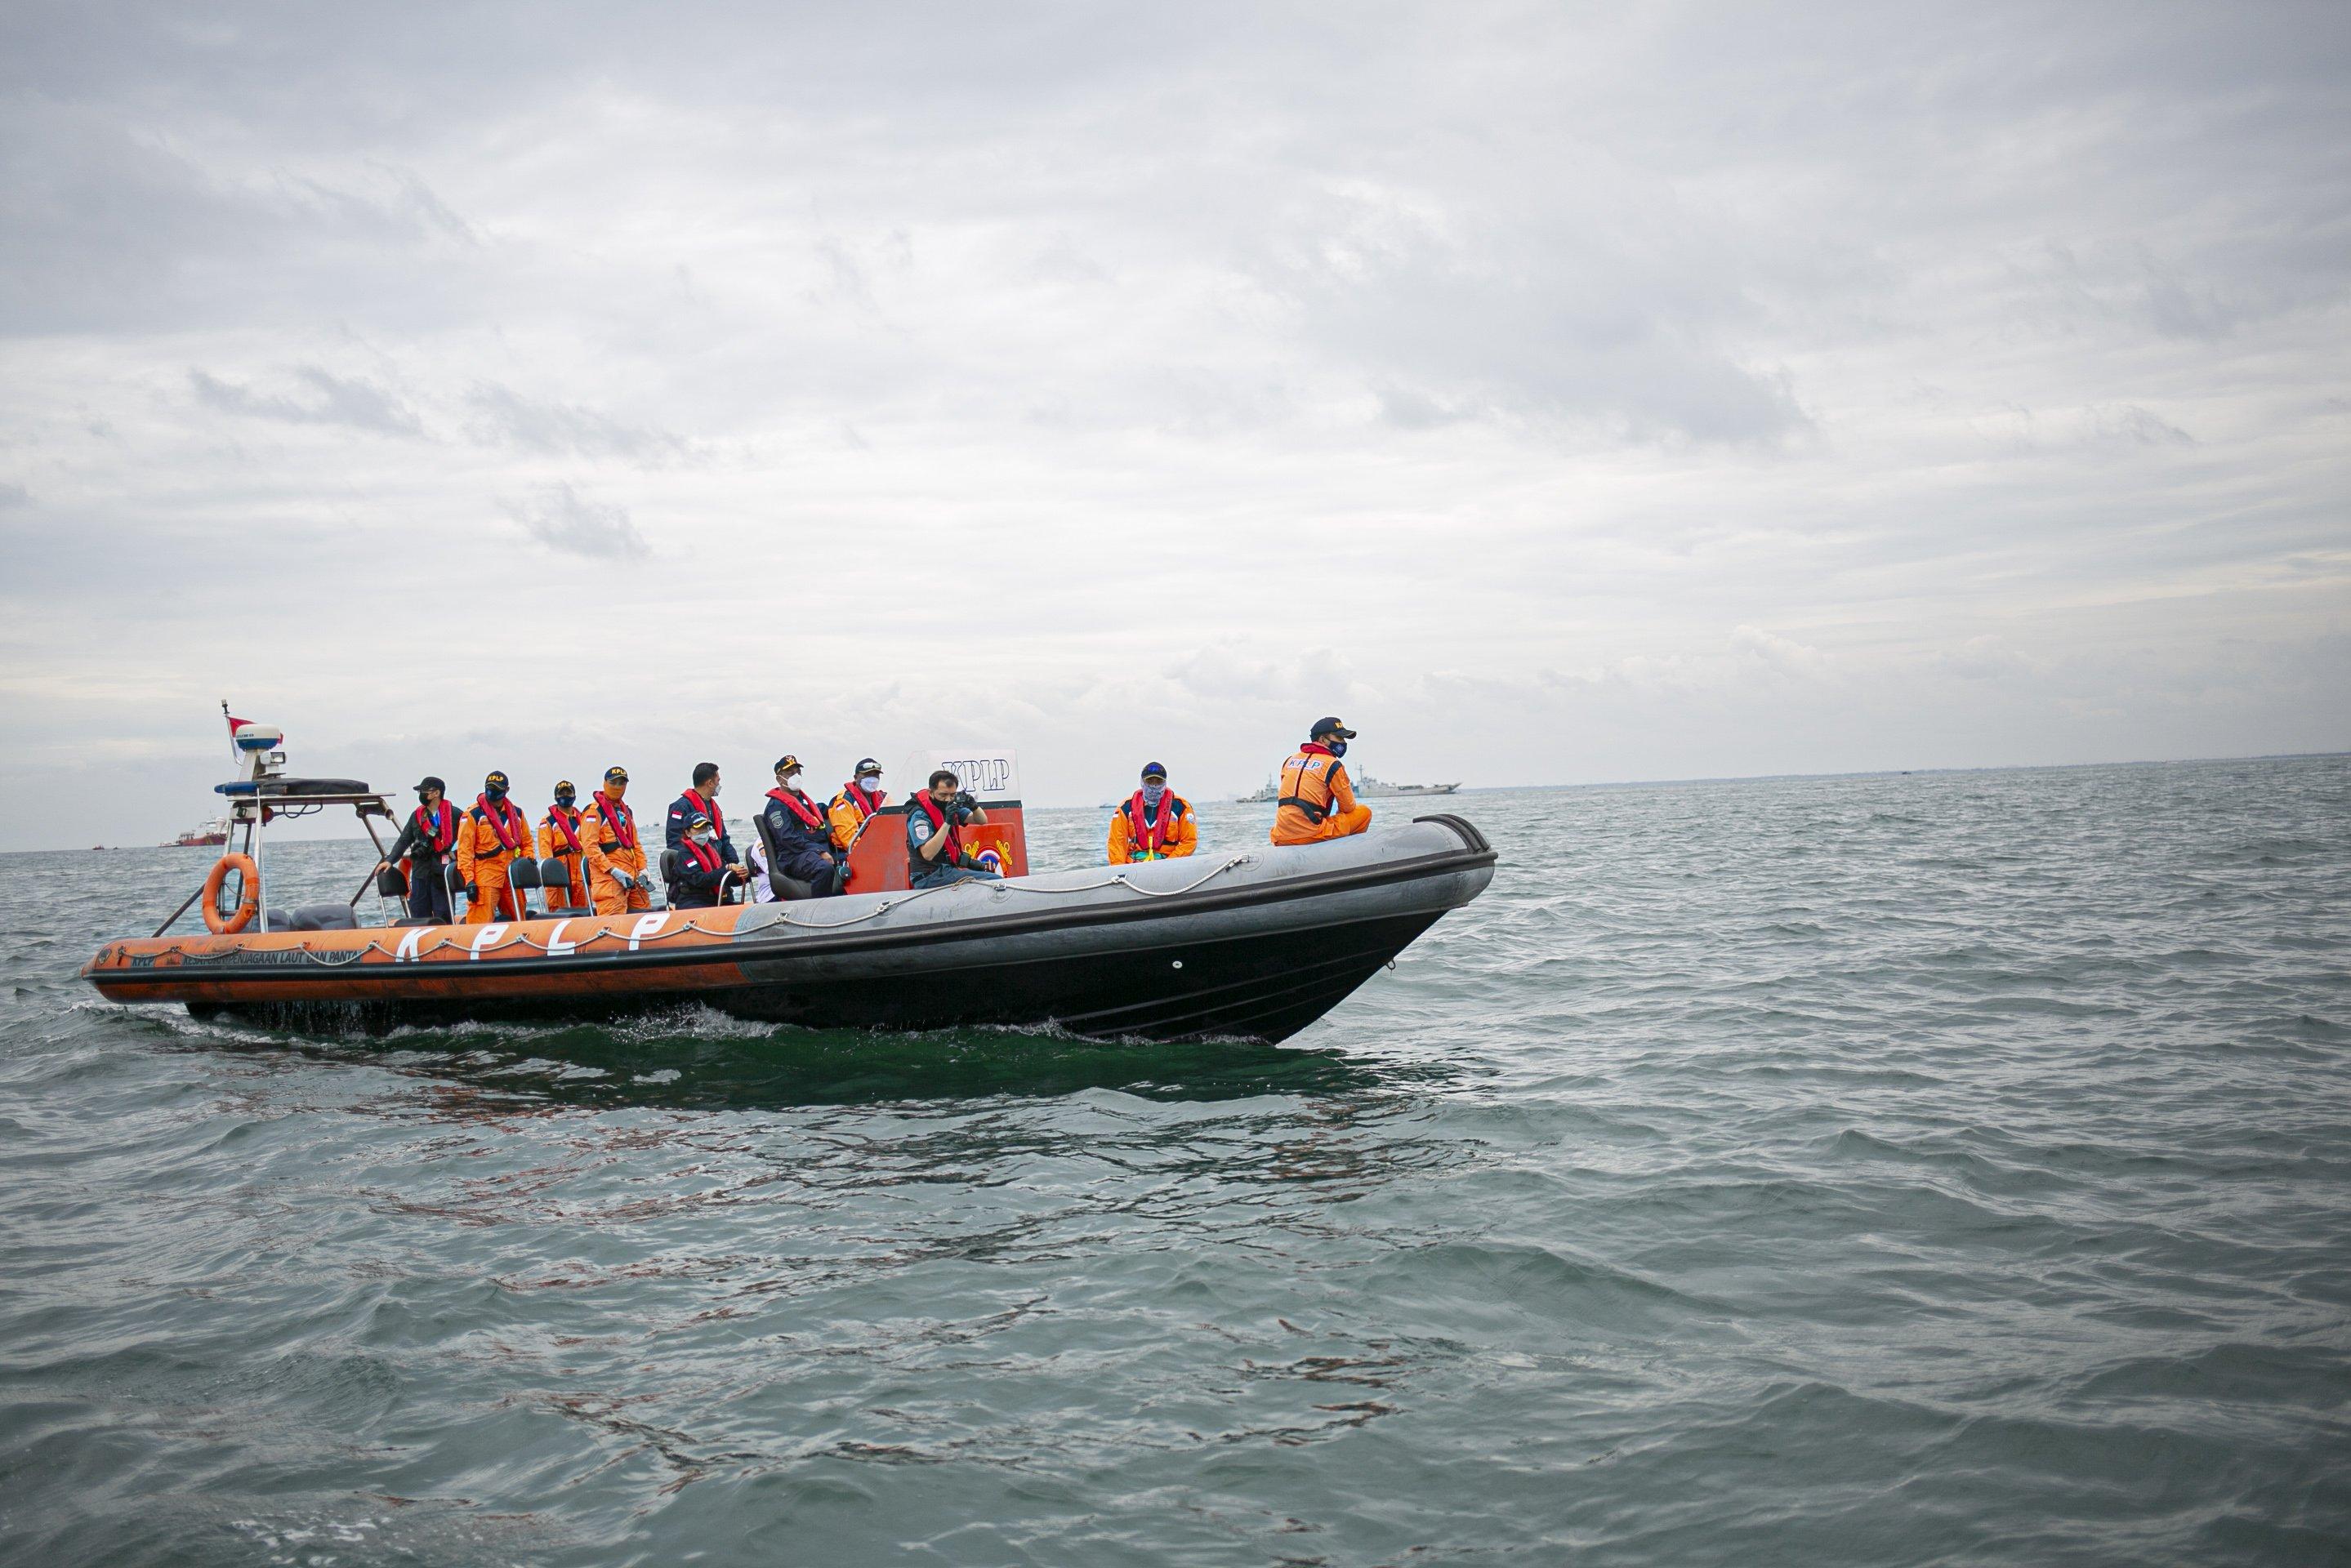 Petugas gabungan melakukan pencarian korban dan puing pesawat Sriwijaya Air SJ 182 di perairan Kepulauan Seribu, Jakarta, Minggu (10/1/2021). Pesawat Sriwijaya Air SJ 182 yang hilang kontak pada Sabtu (9/1) sekitar pukul 14.40 WIB di ketinggian 10 ribu kaki tersebut membawa enam awak dan 56 penumpang.